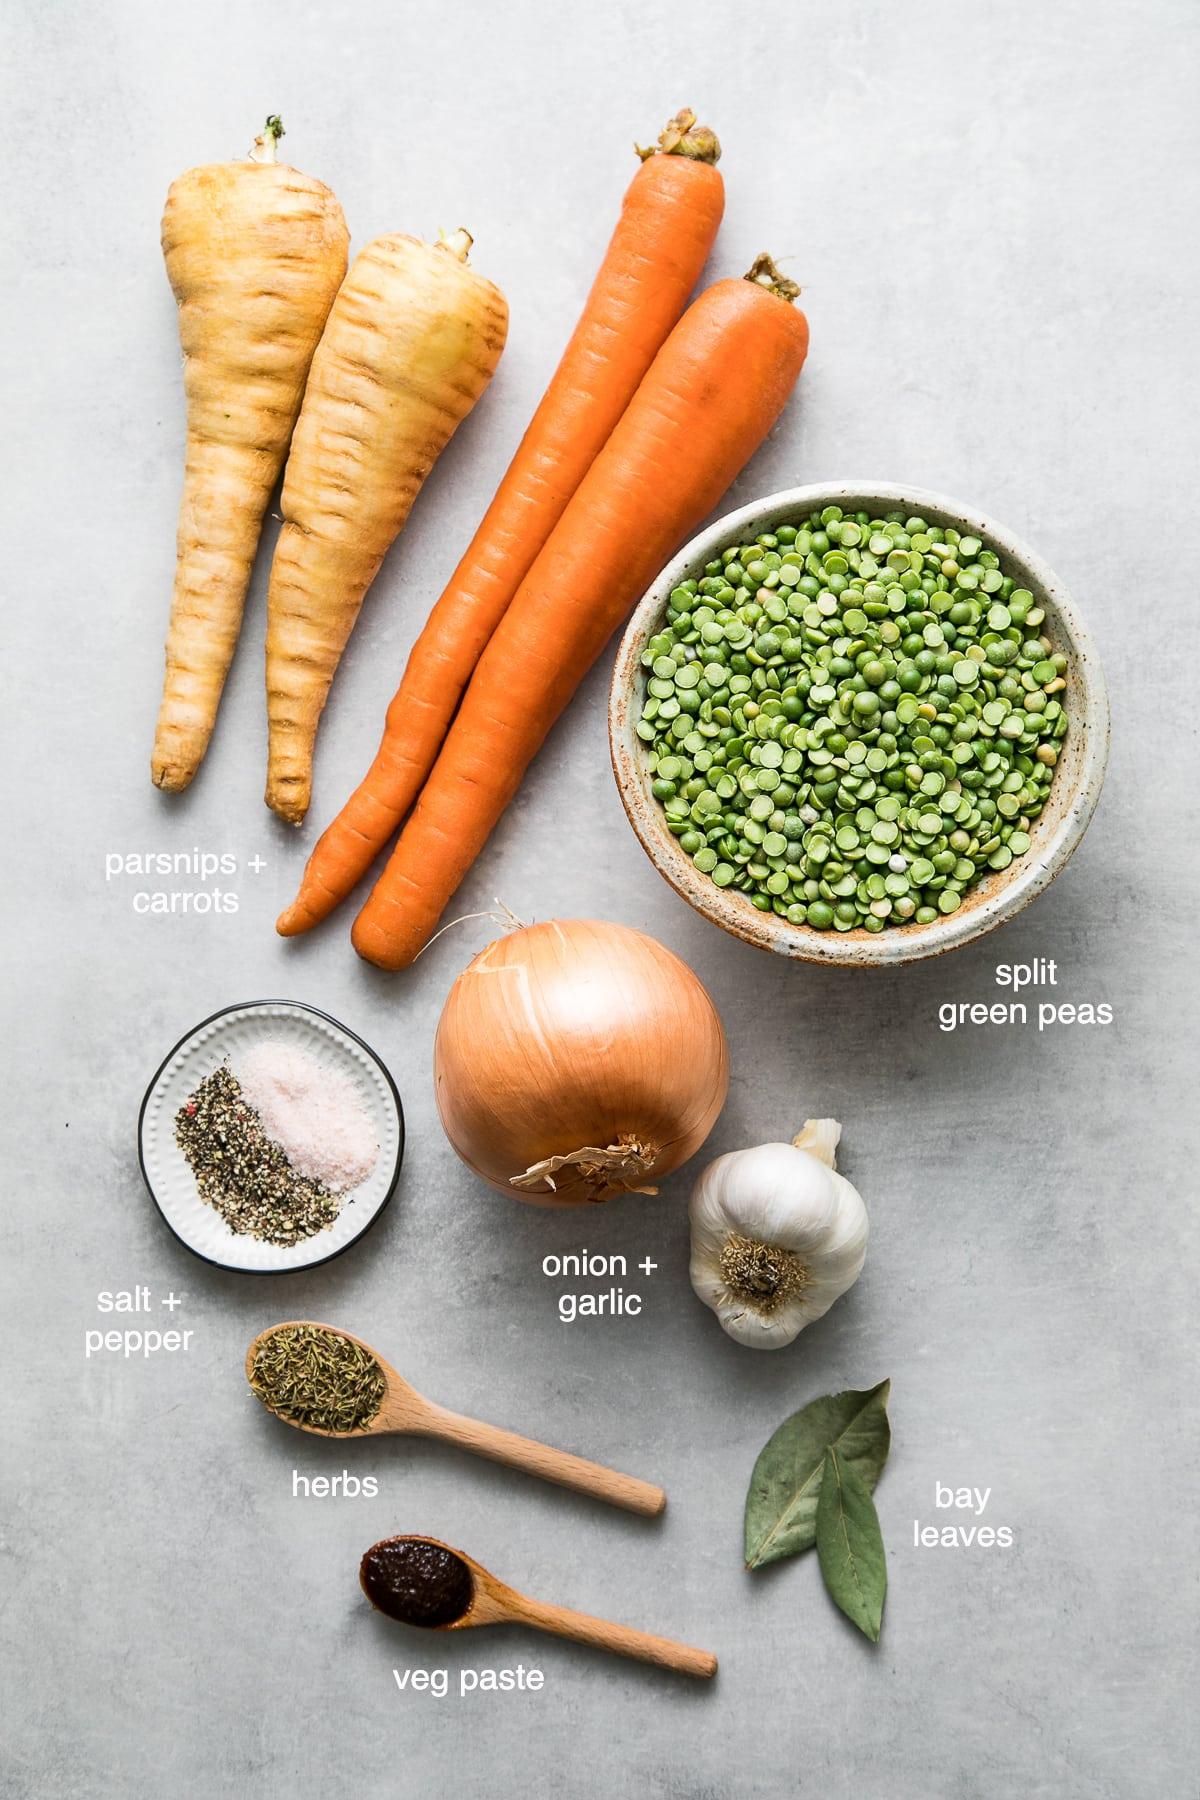 top down view of ingredients used to make vegan parsnip split pea soup recipe.